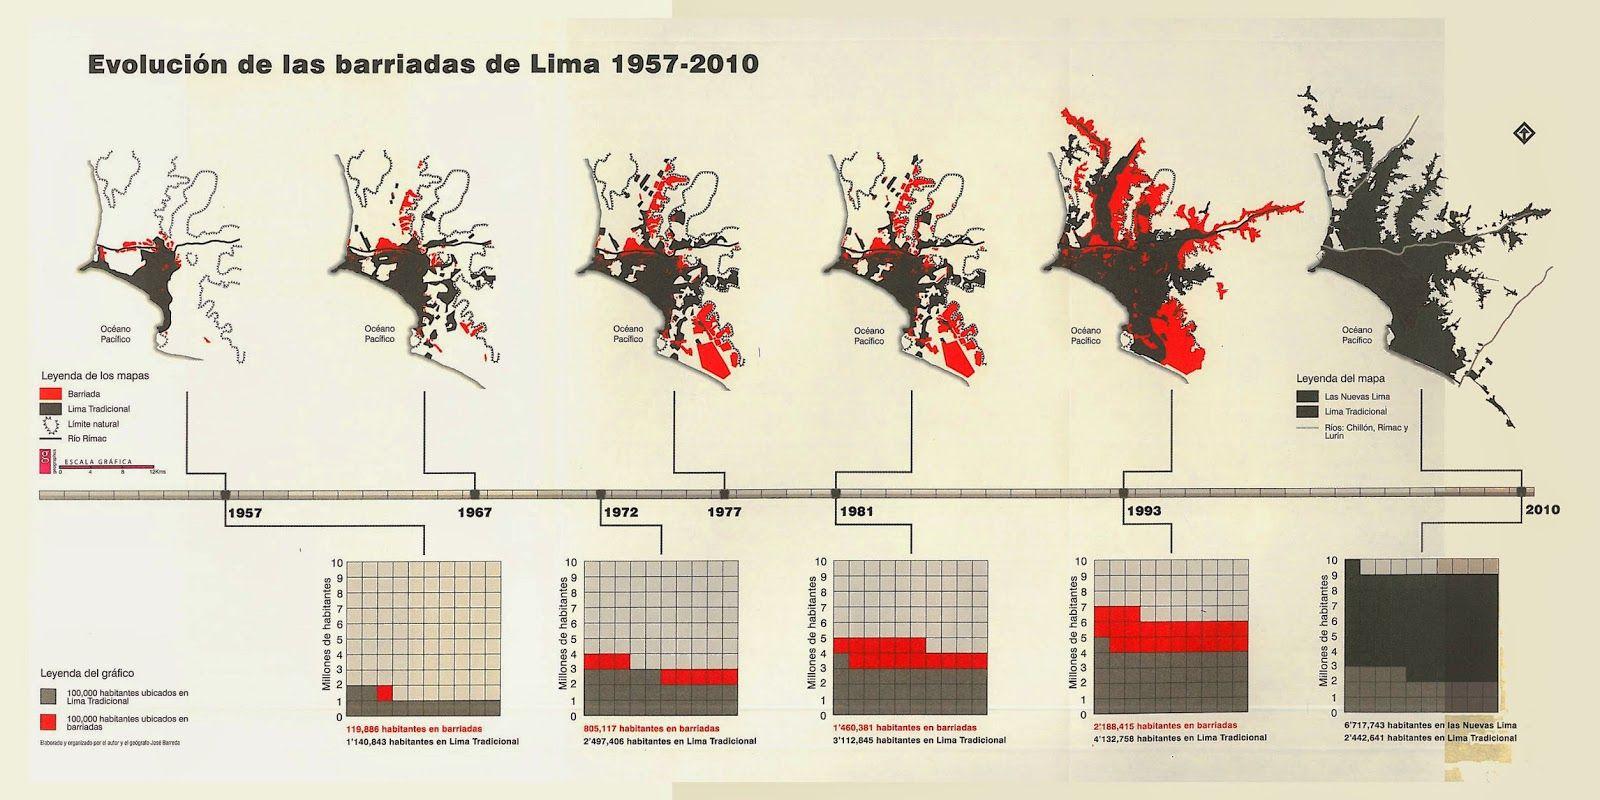 LAS BARRIADAS DE LIMA 1957 EBOOK